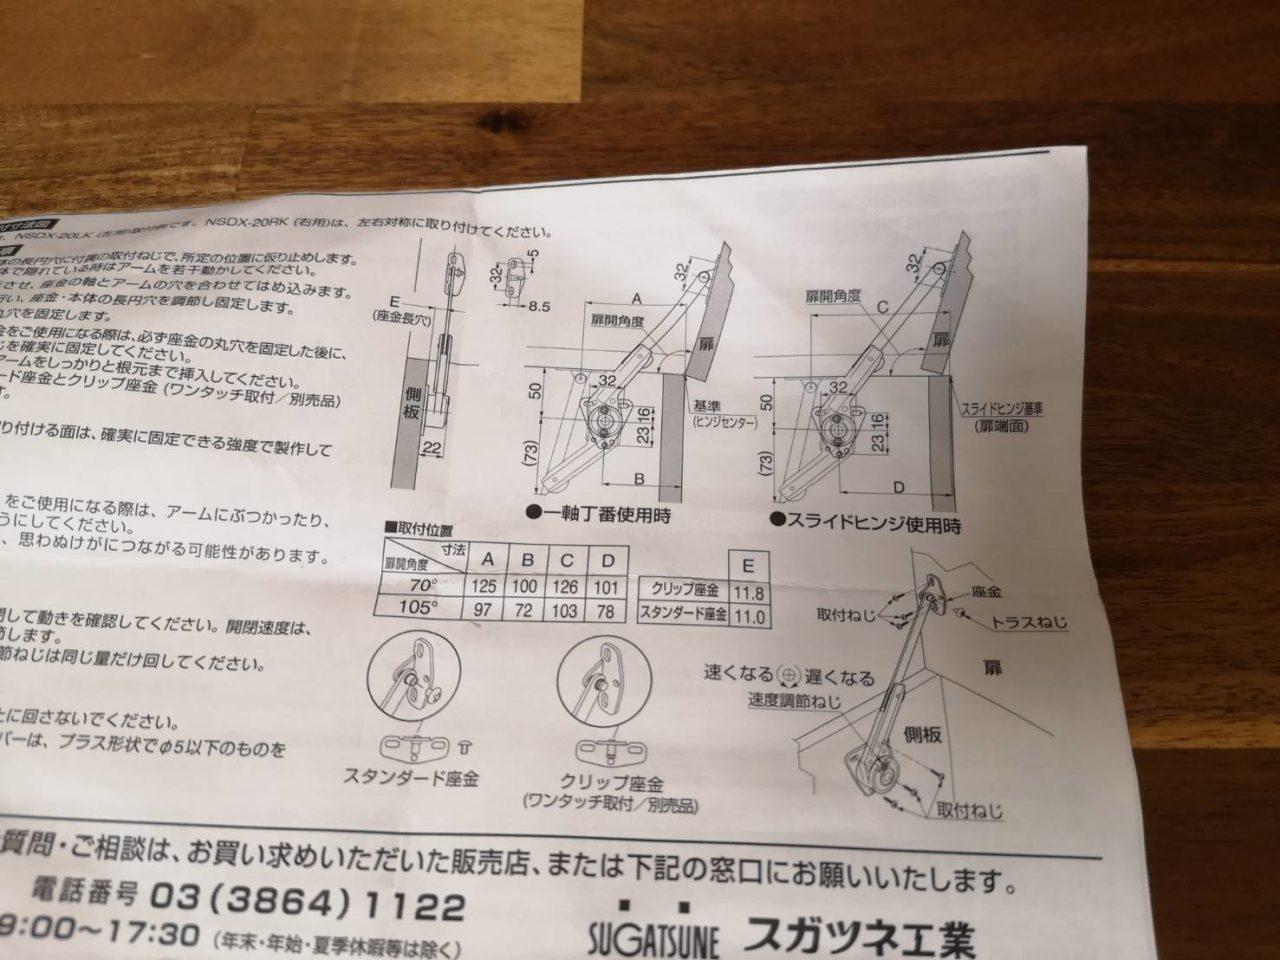 ピアノ机 ソフトダウンステー説明書